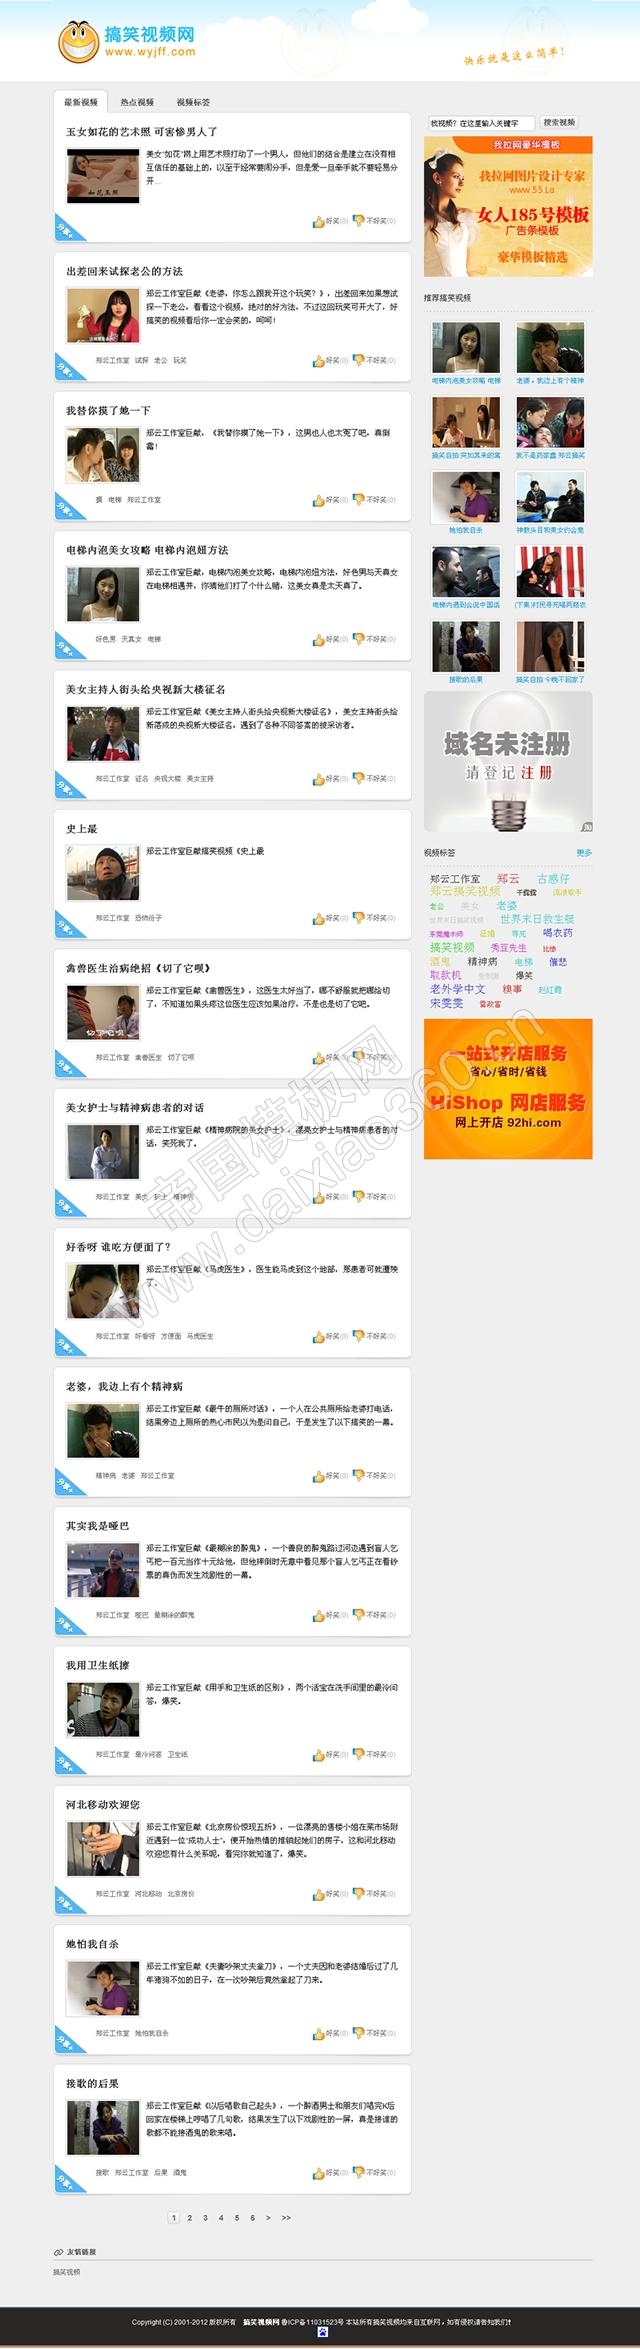 帝国cms搞笑视频网站模板_首页